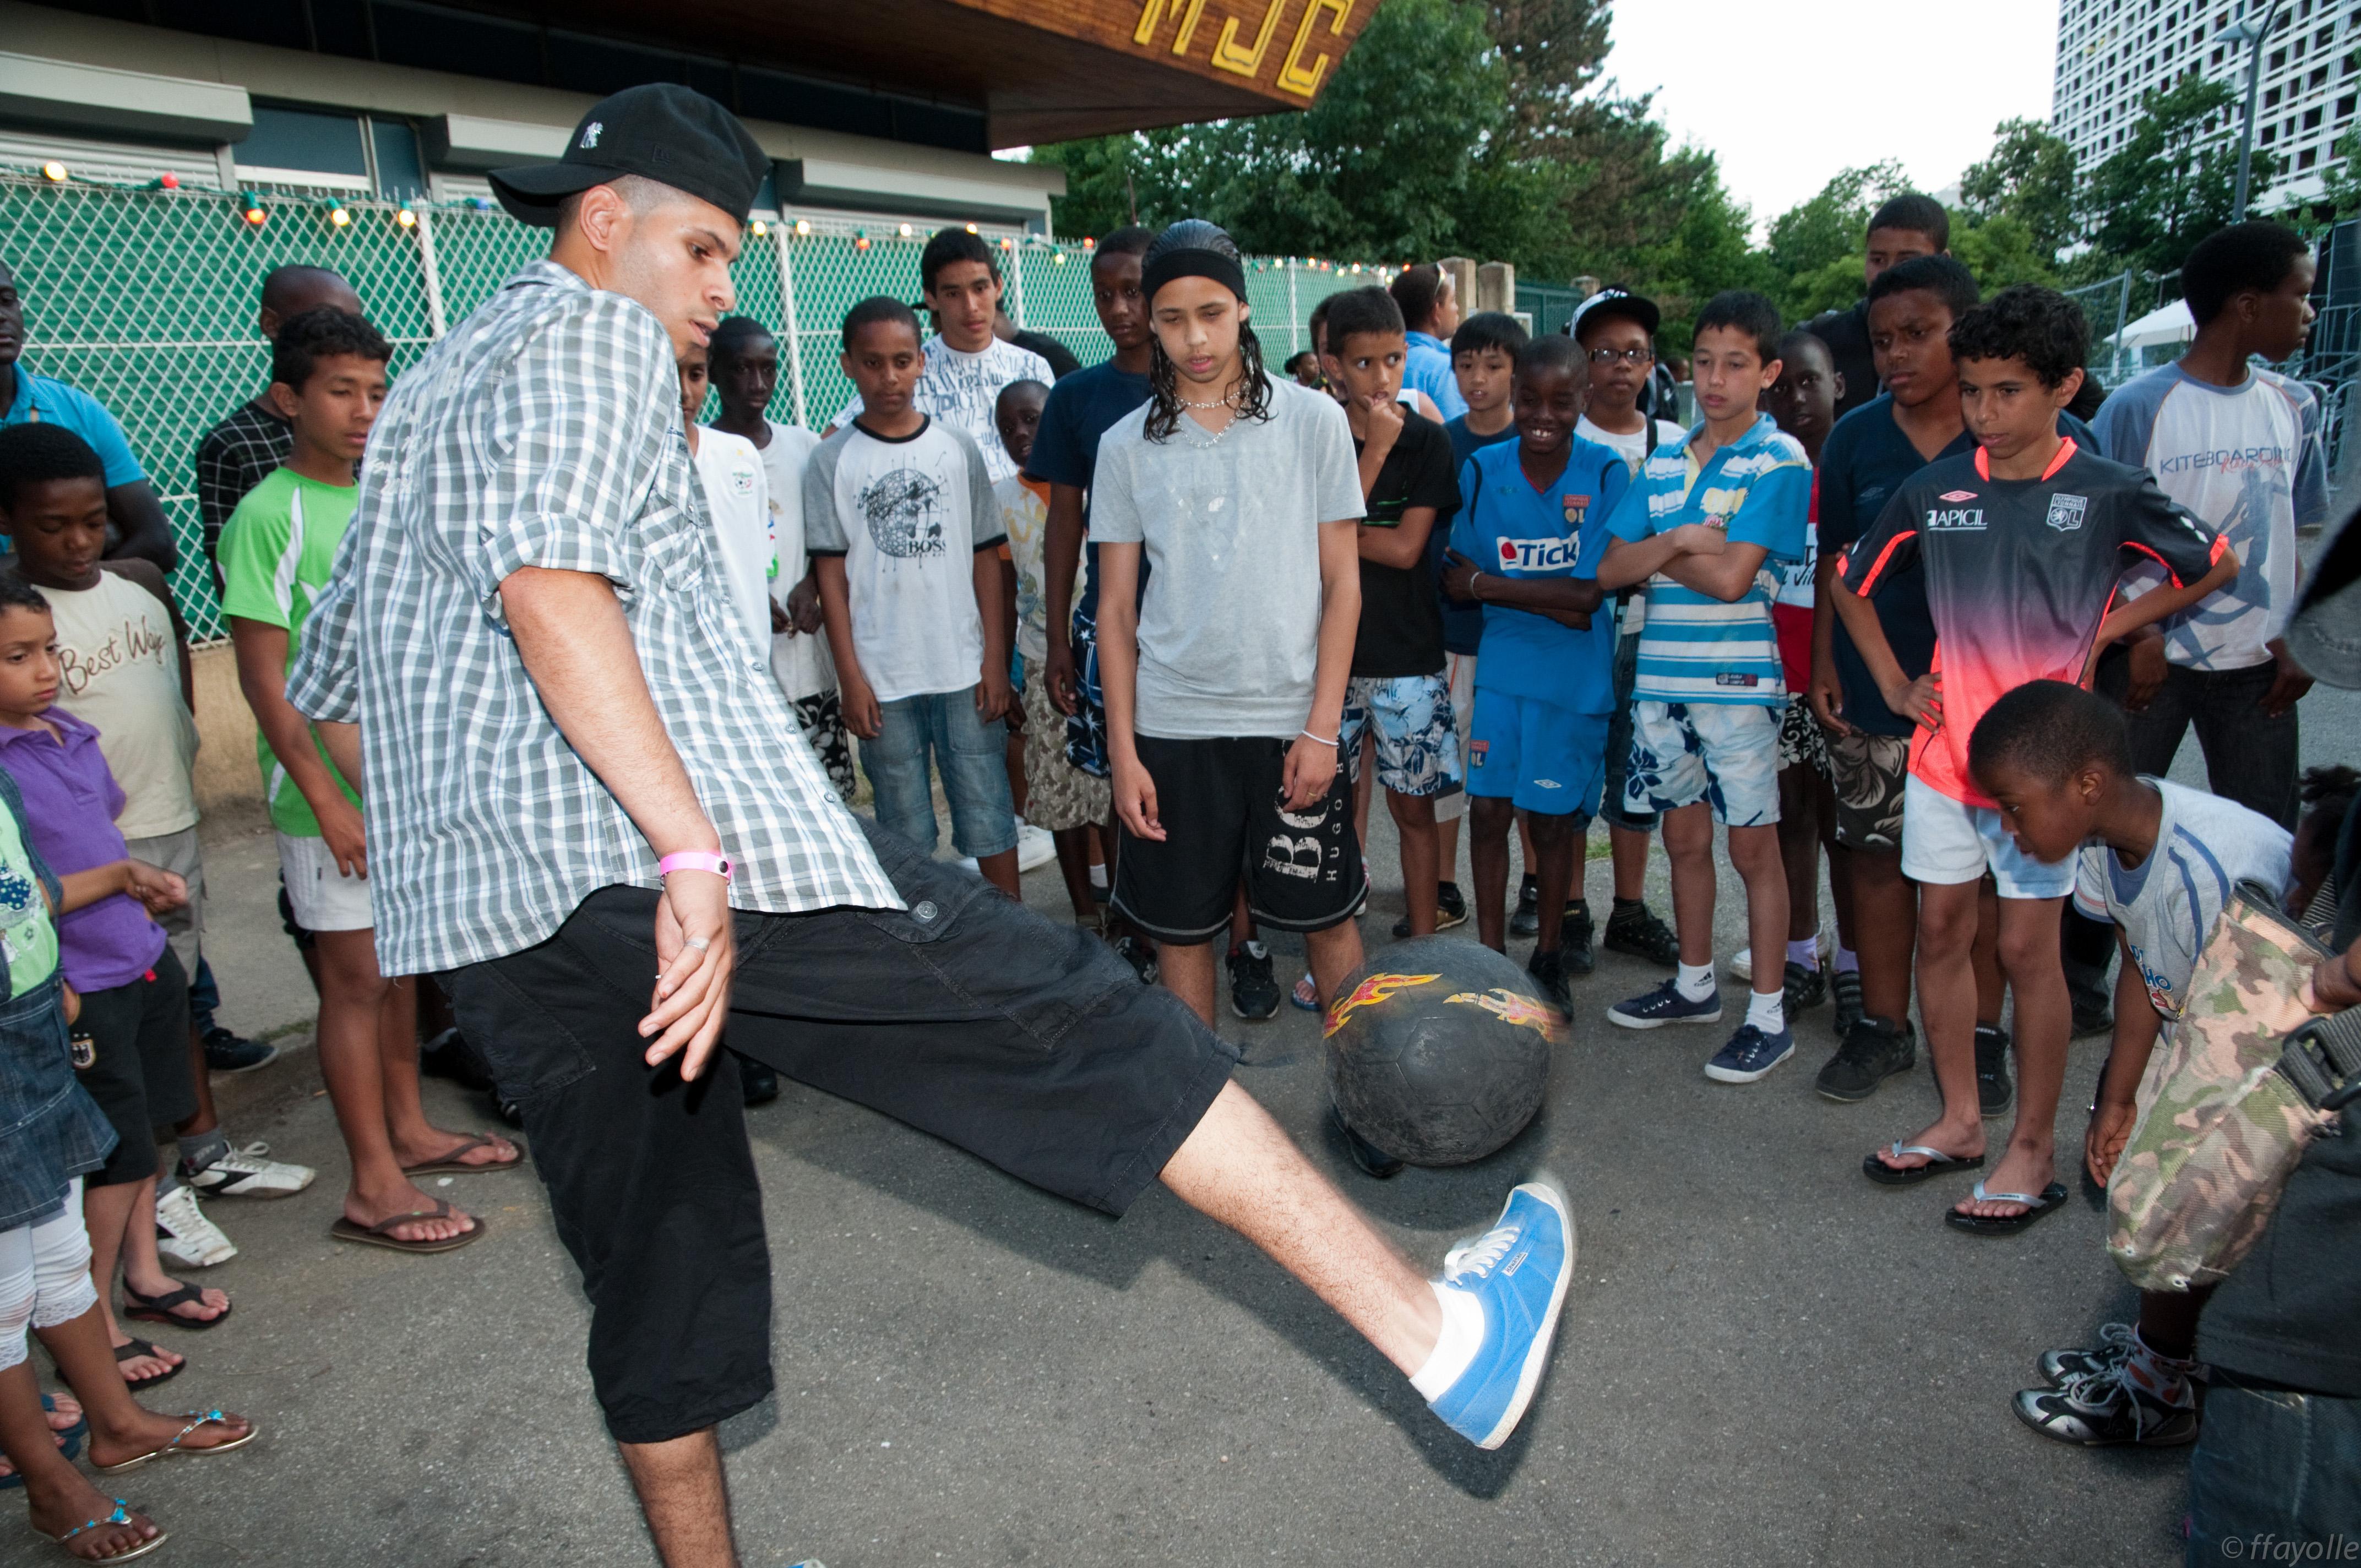 Festival Duch' Air - 2010